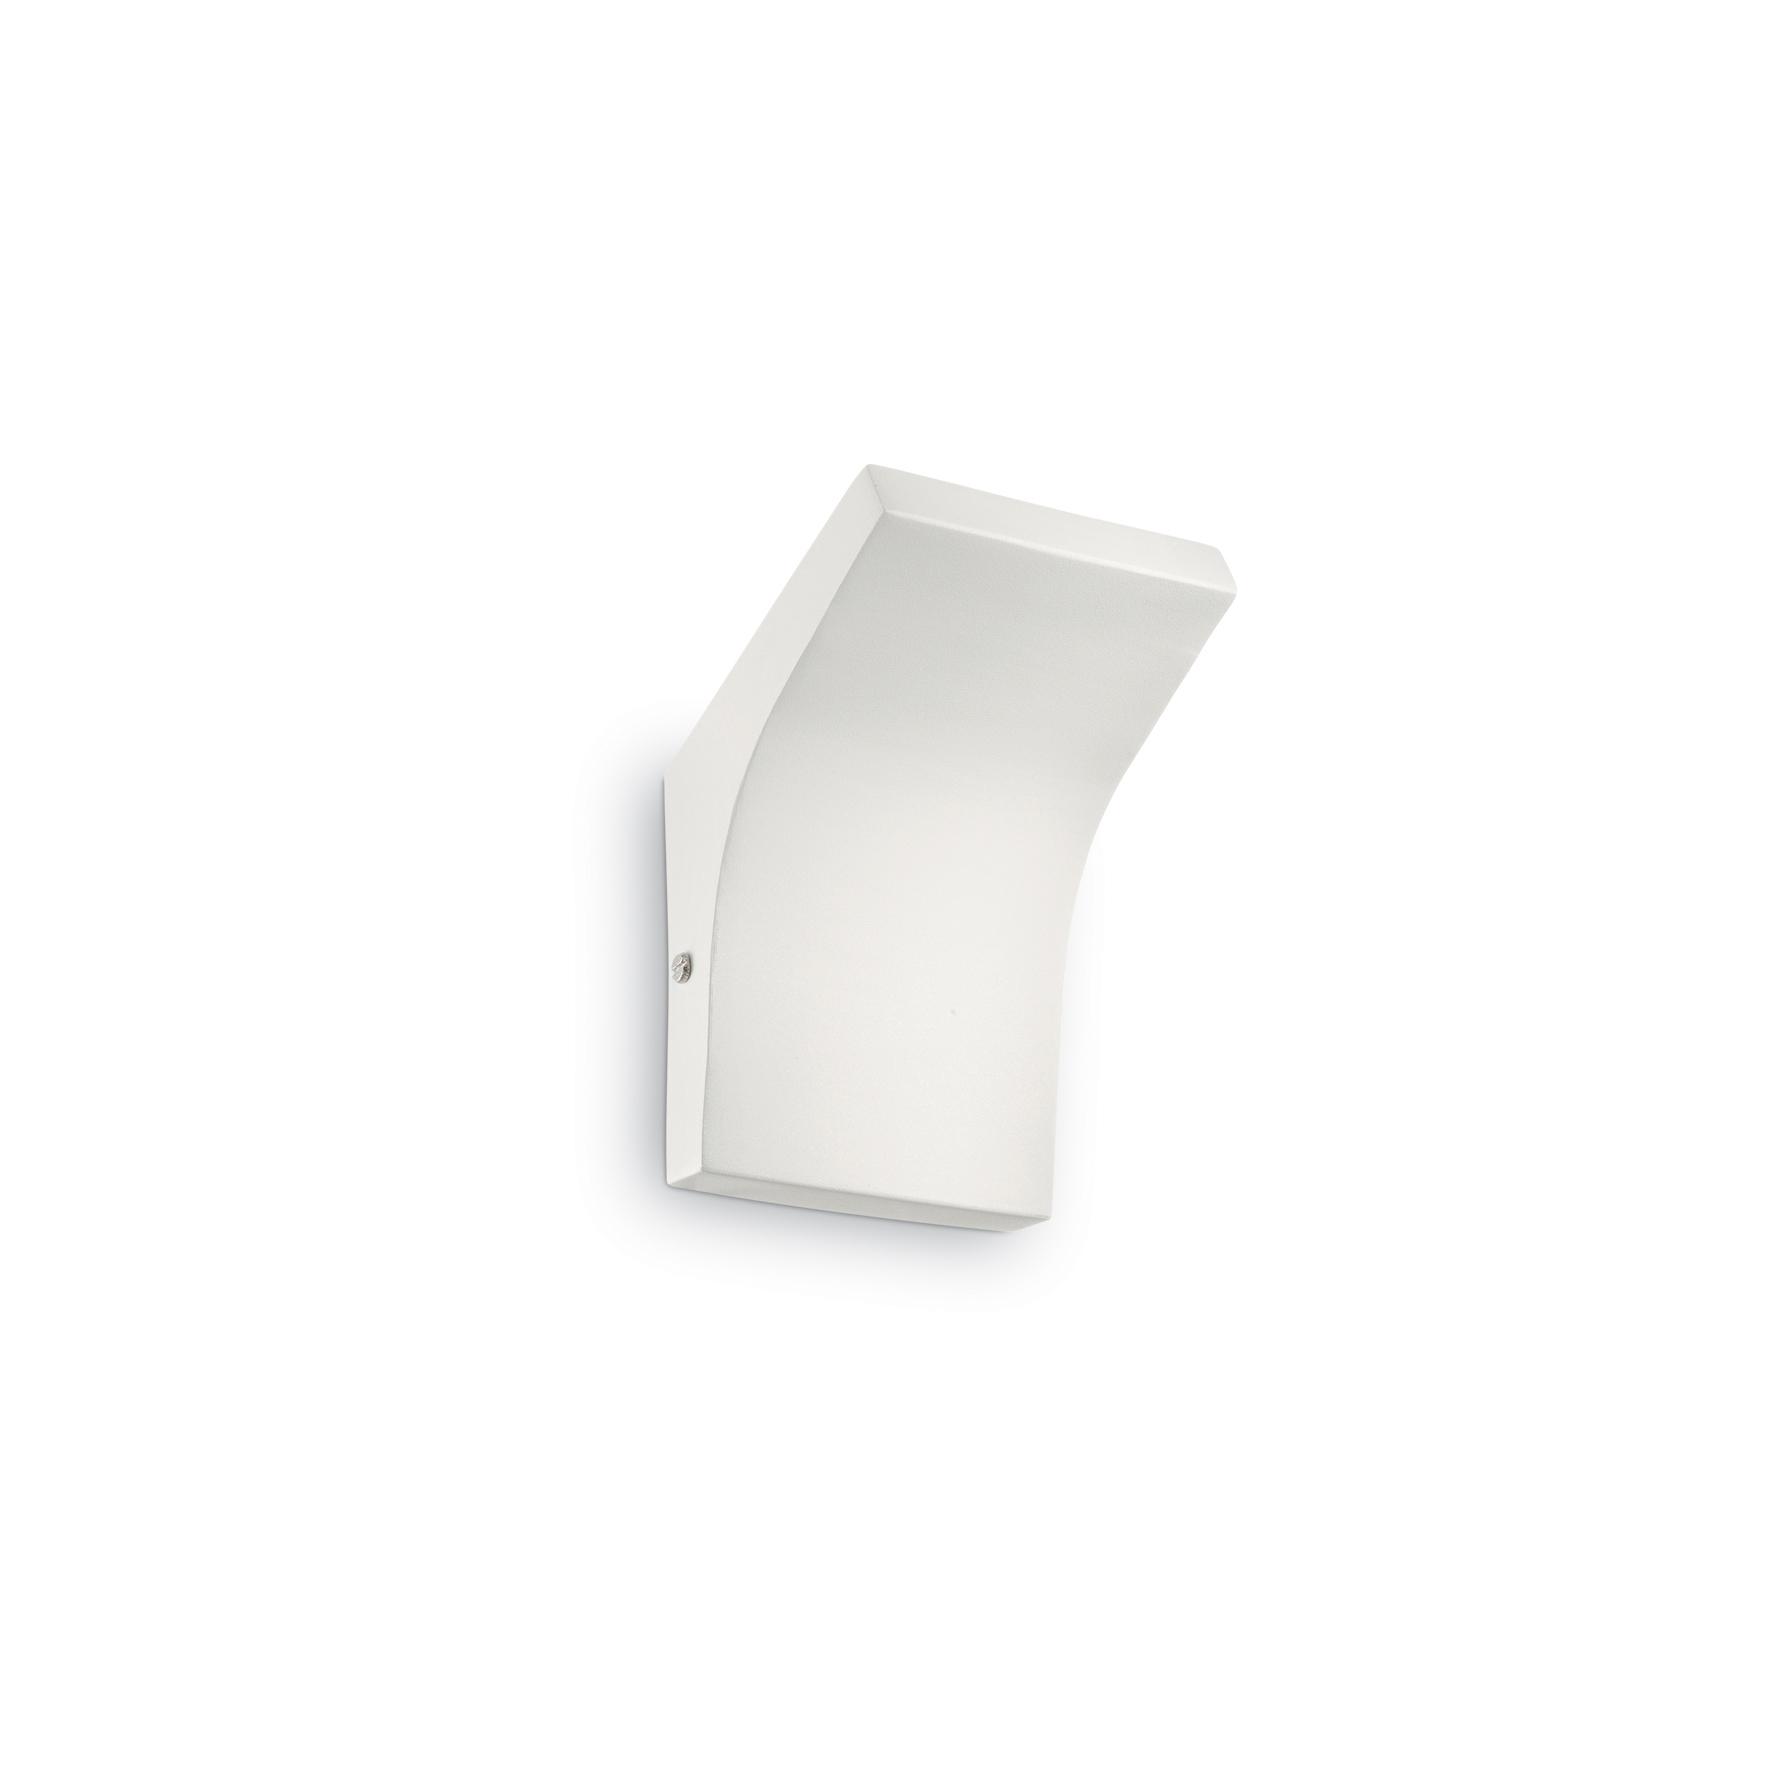 Aplica Commodore AP1 White